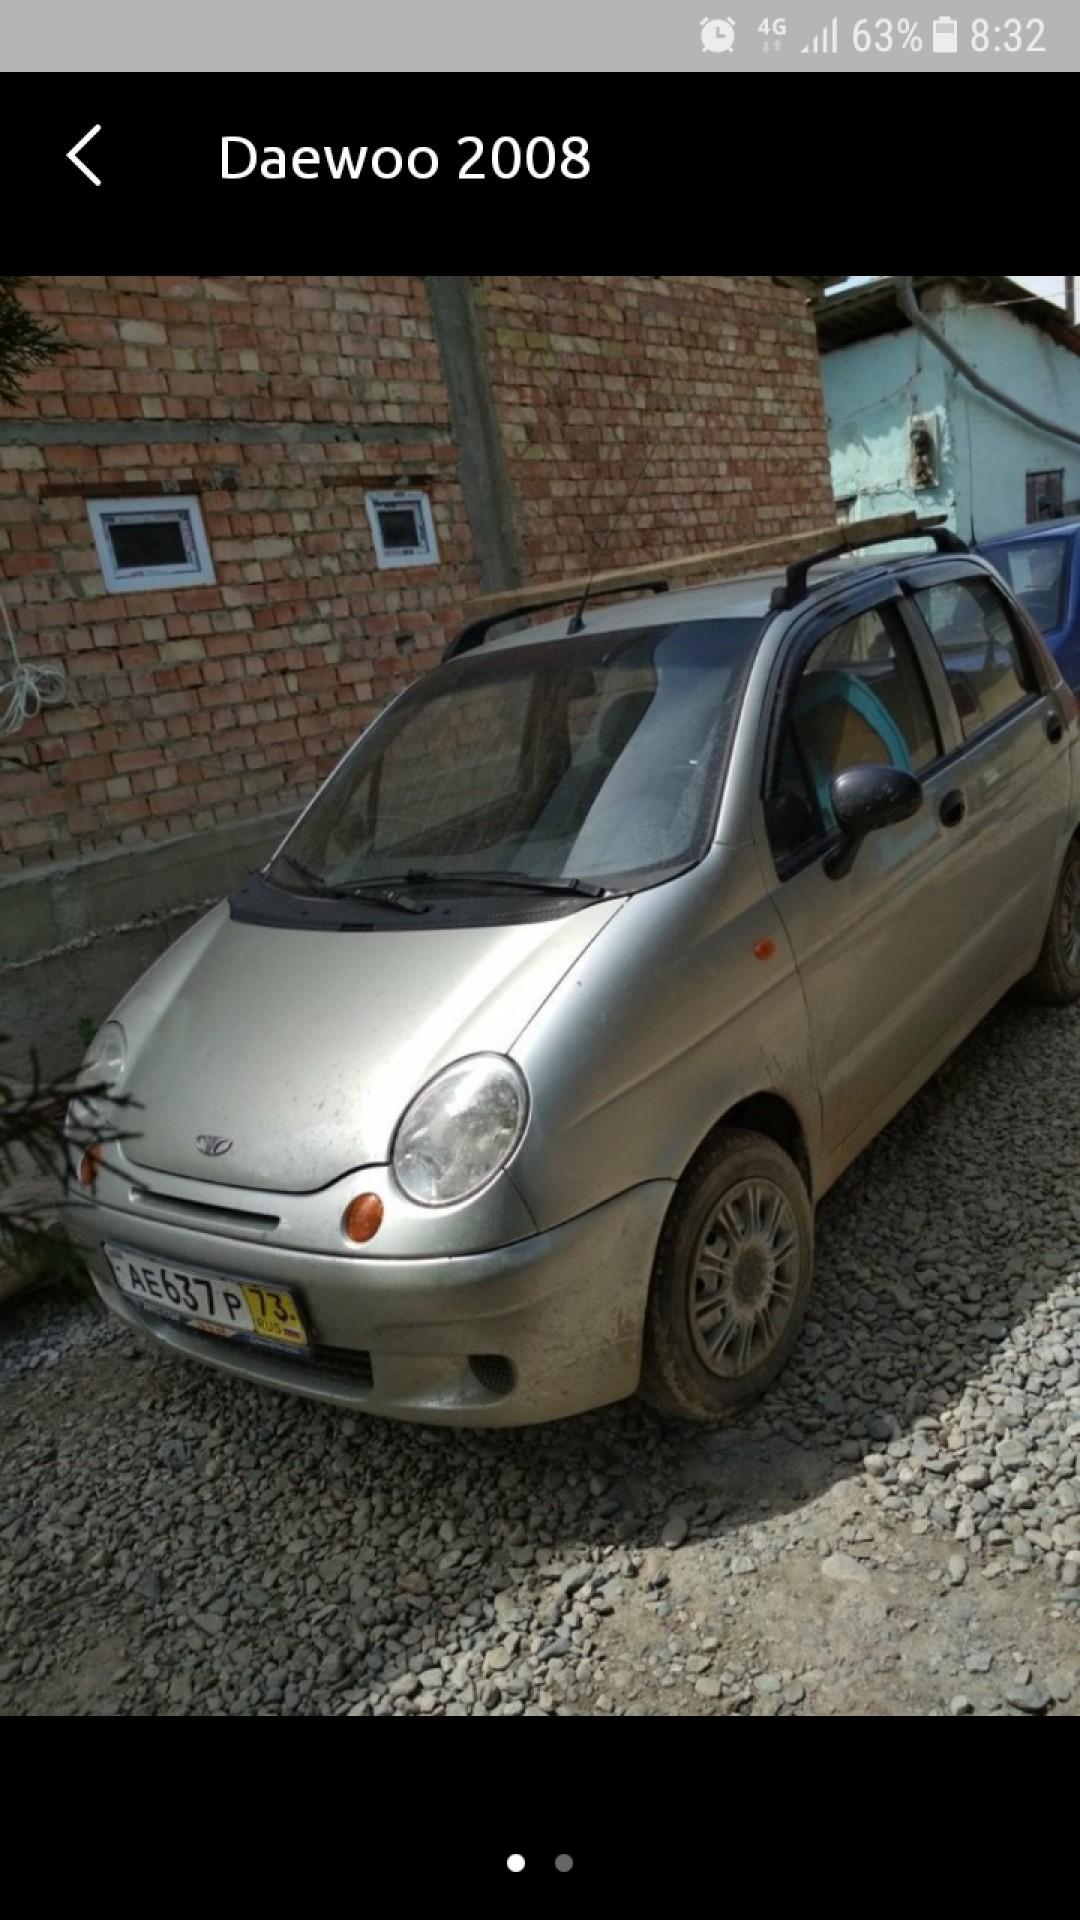 Аренда машин без залога в бишкеке элекс автосалон москва официальный сайт отзывы